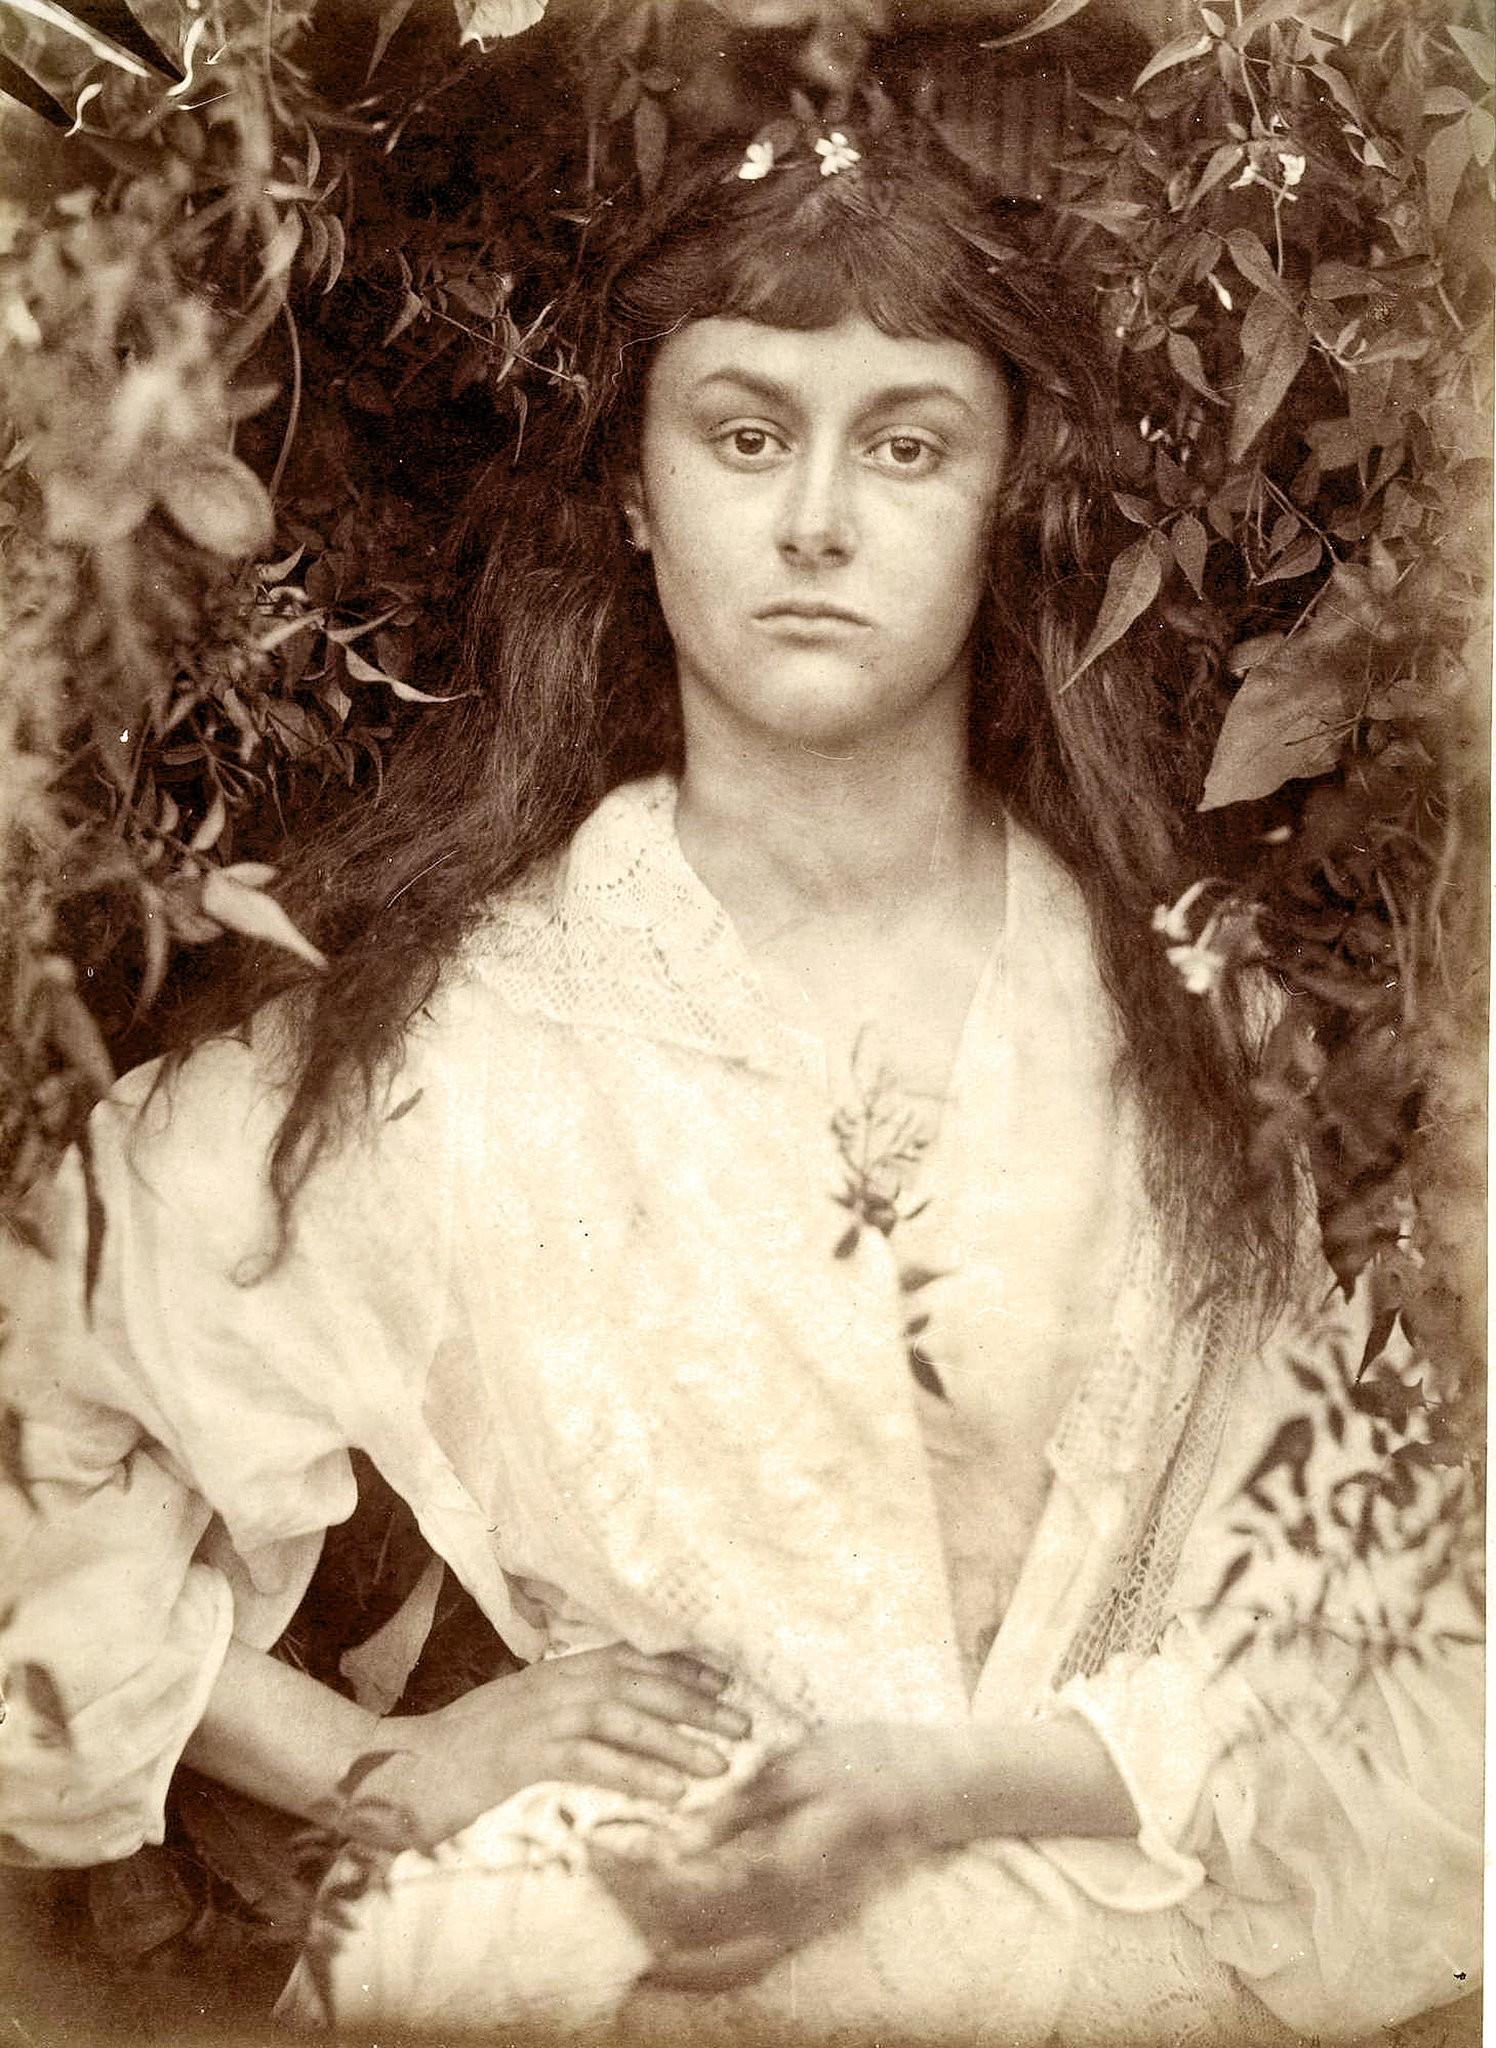 Алиса Лидделл, 1872. Автор Джулия Маргарет Камерон